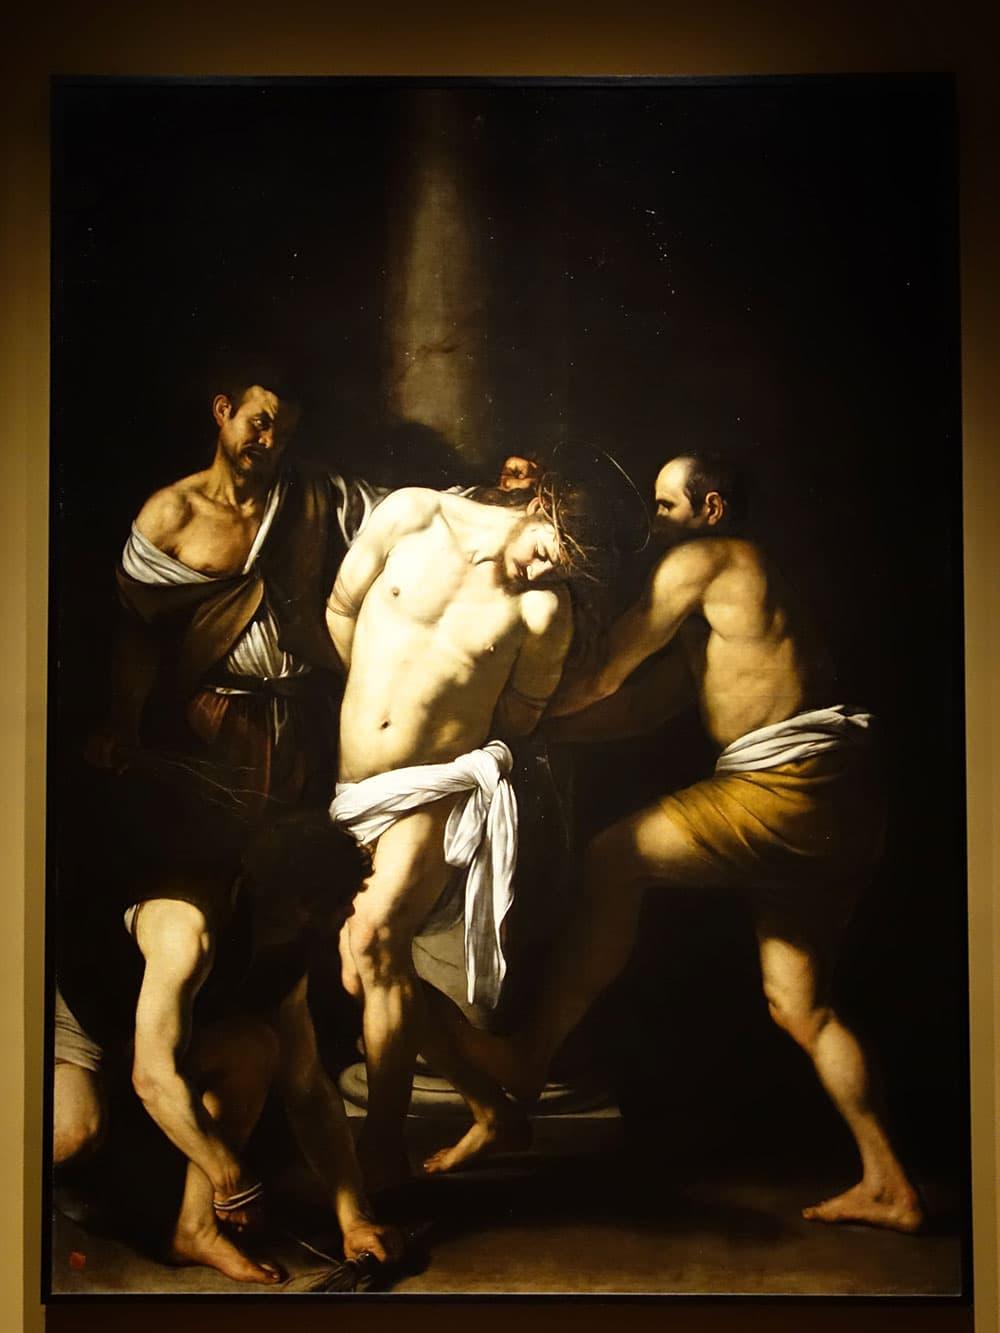 Caravaggio painting inside Capodimonte Museum © John Karwoski